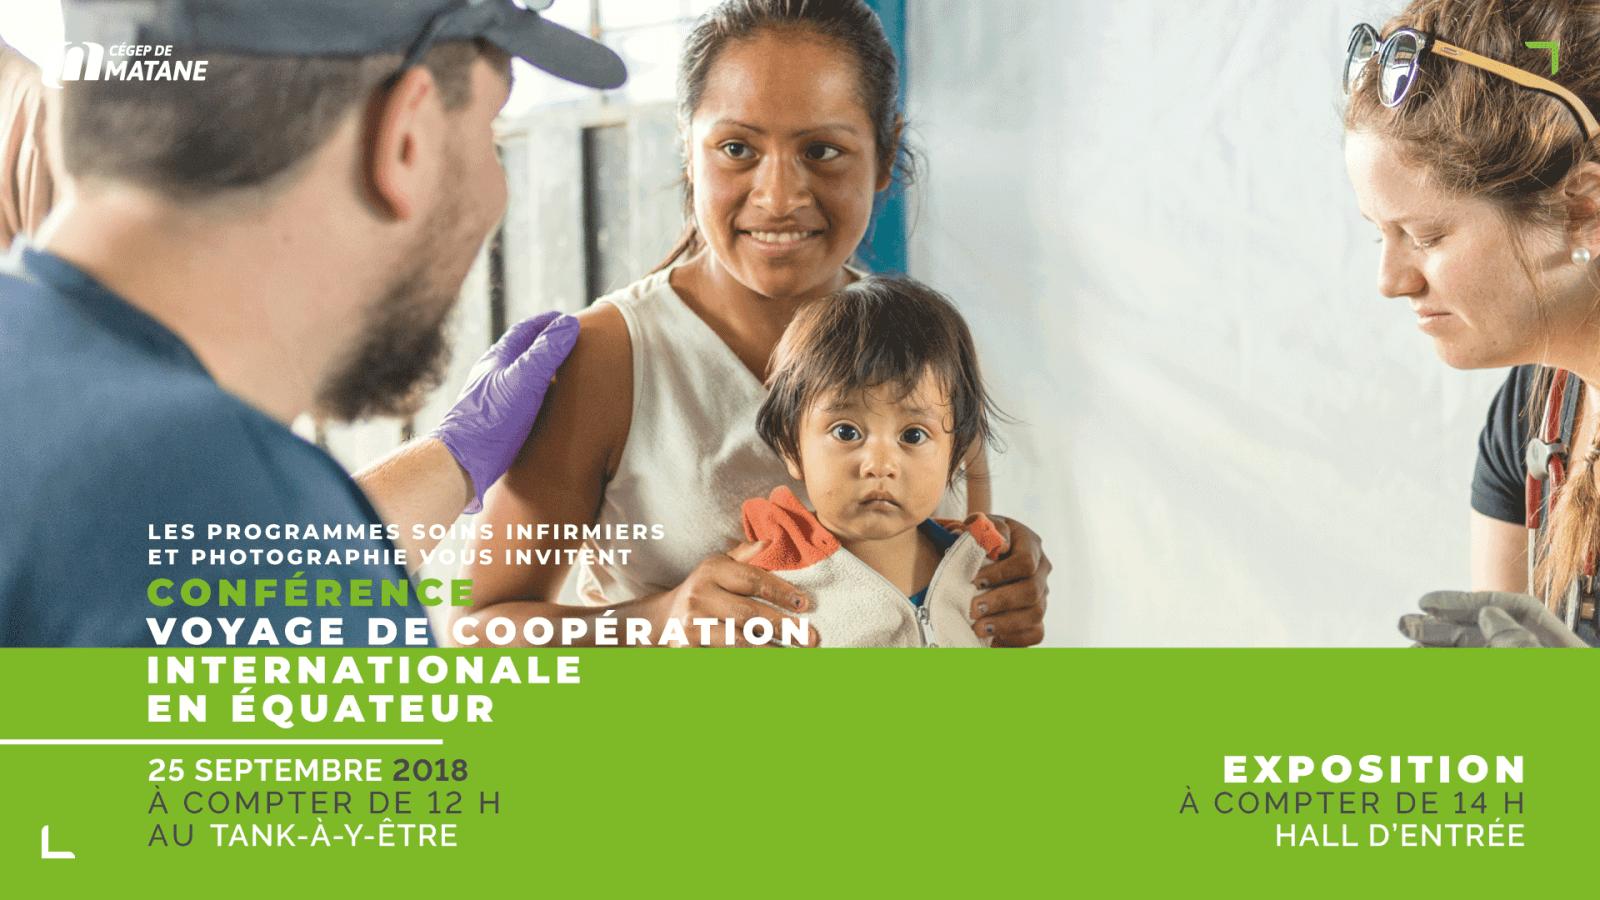 Voyage de coopération humanitaire réalisé en Équateur en juin 2018 – Les programmes Soins infirmiers et Photographie vous invitent à une conférence et à une exposition photo et vidéo